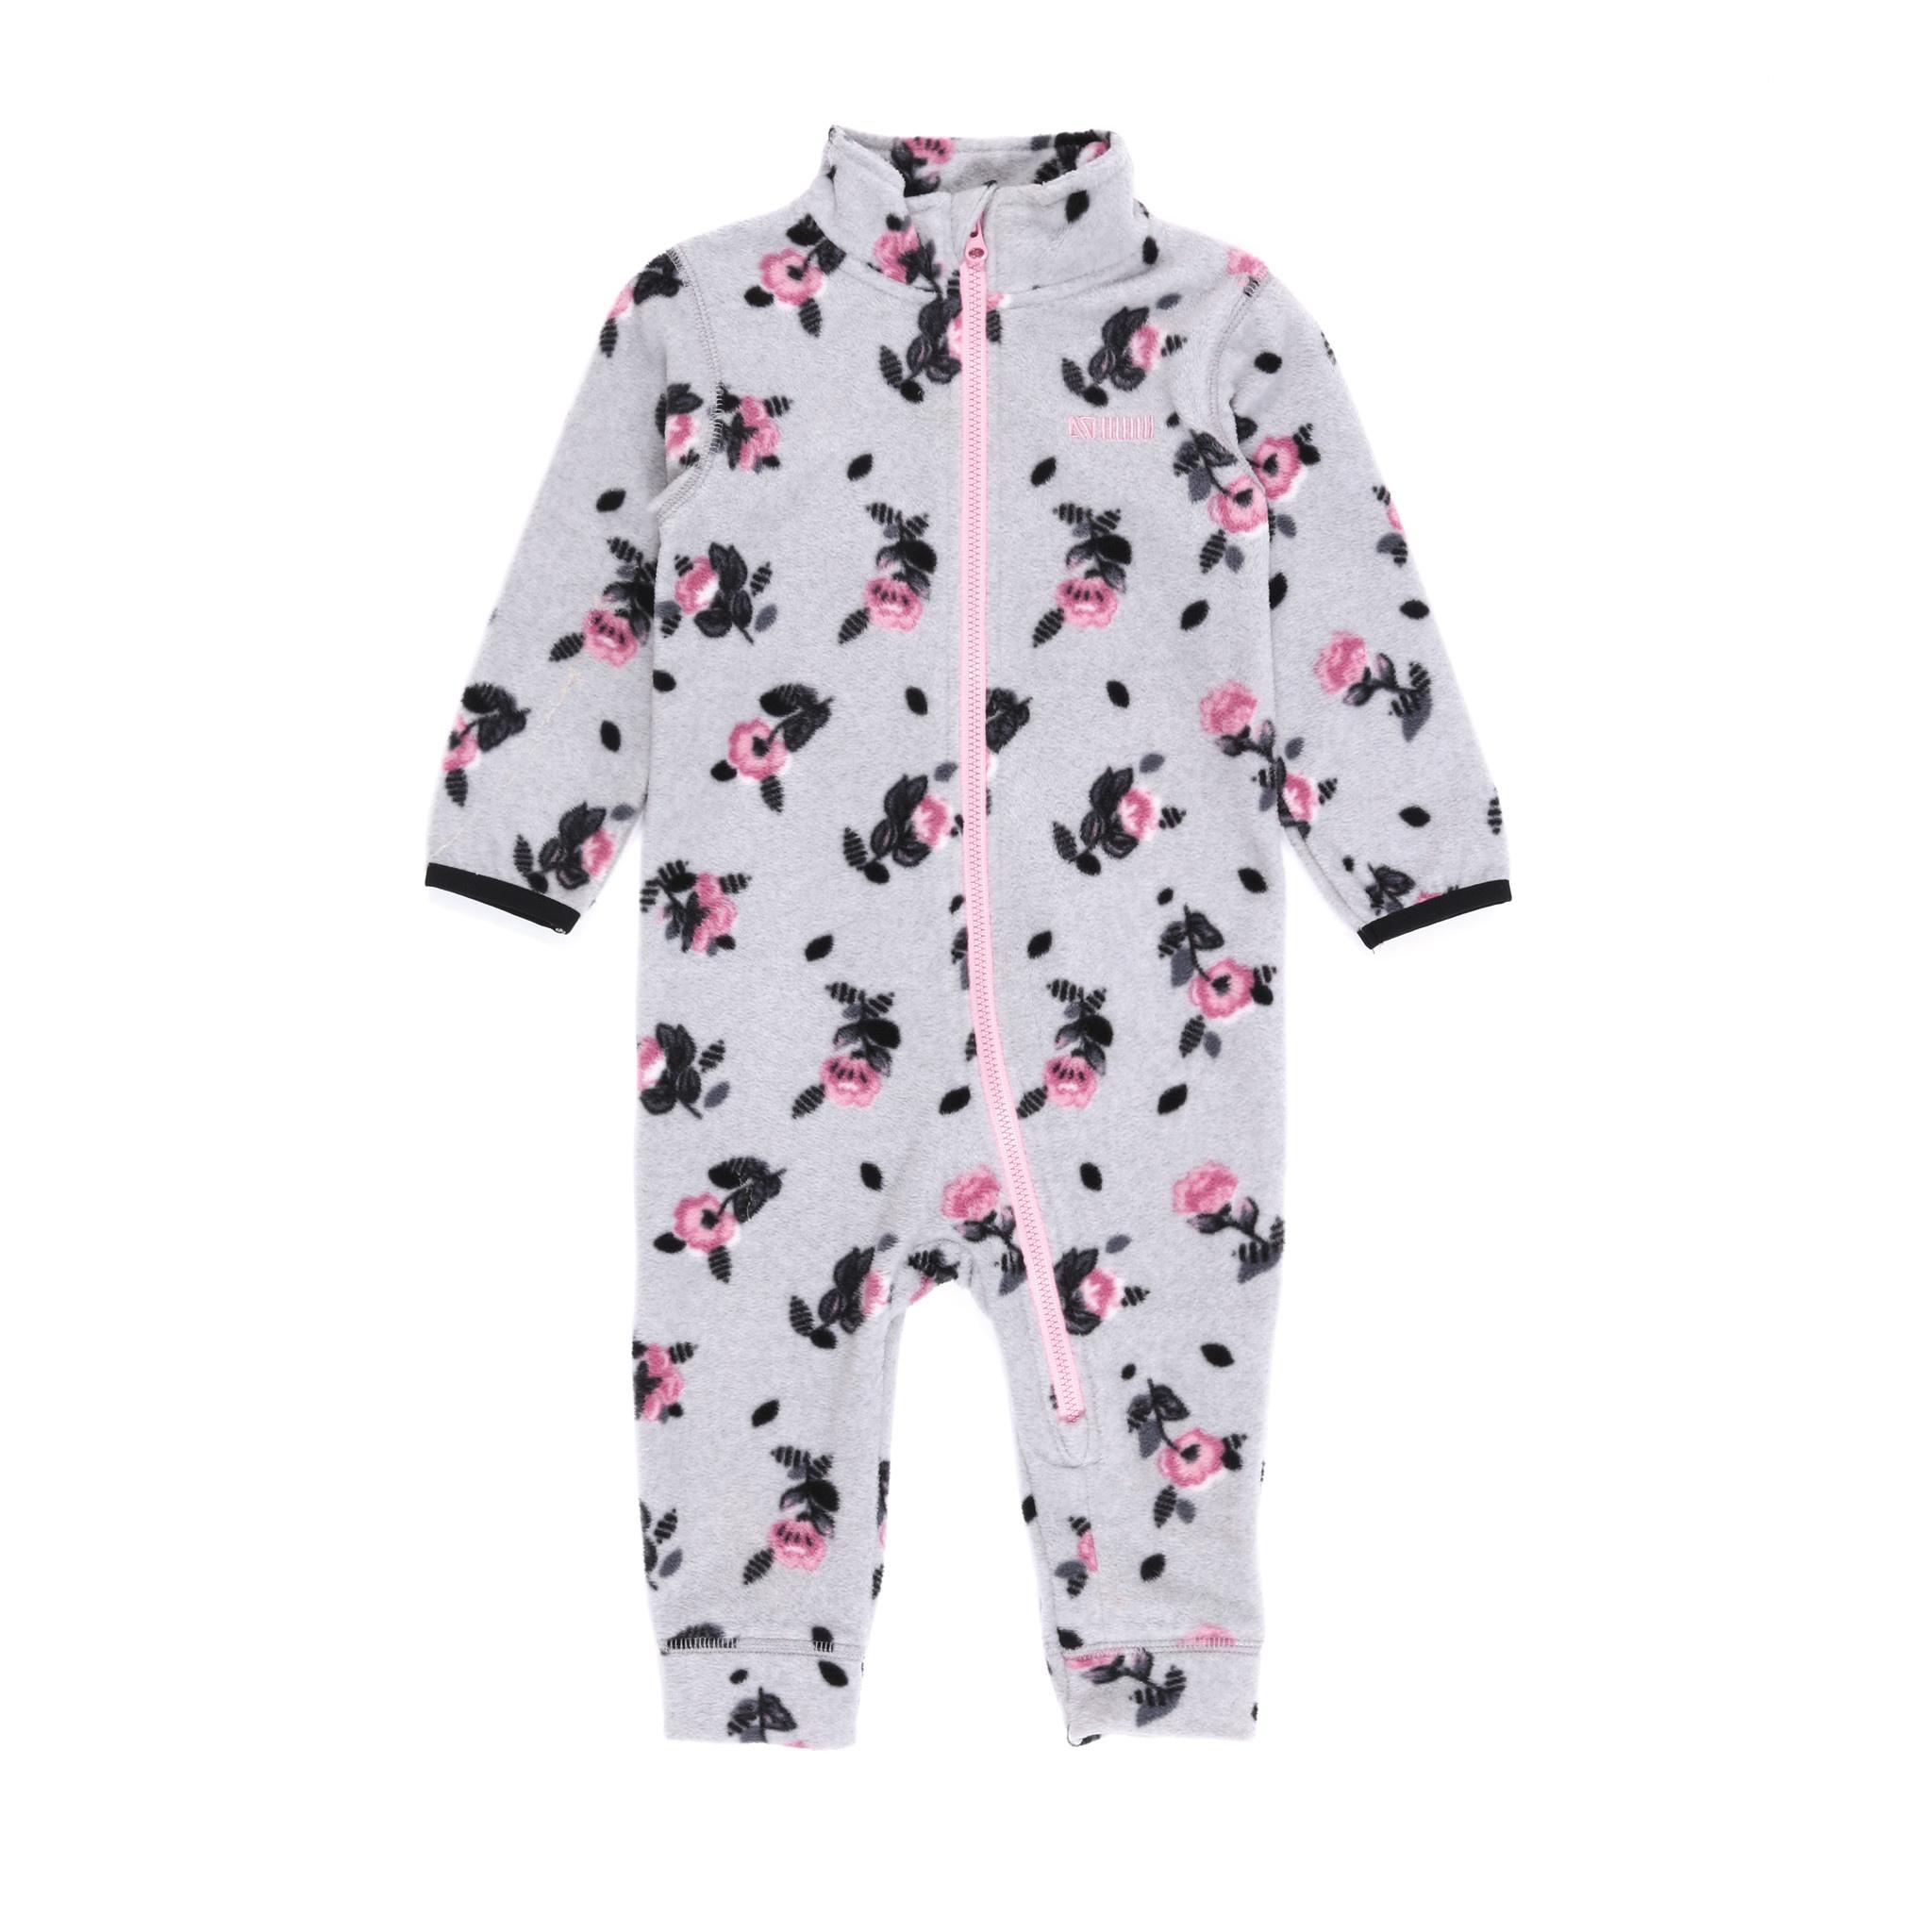 Sous-vêtement en micropolar bébé Fleurs-3